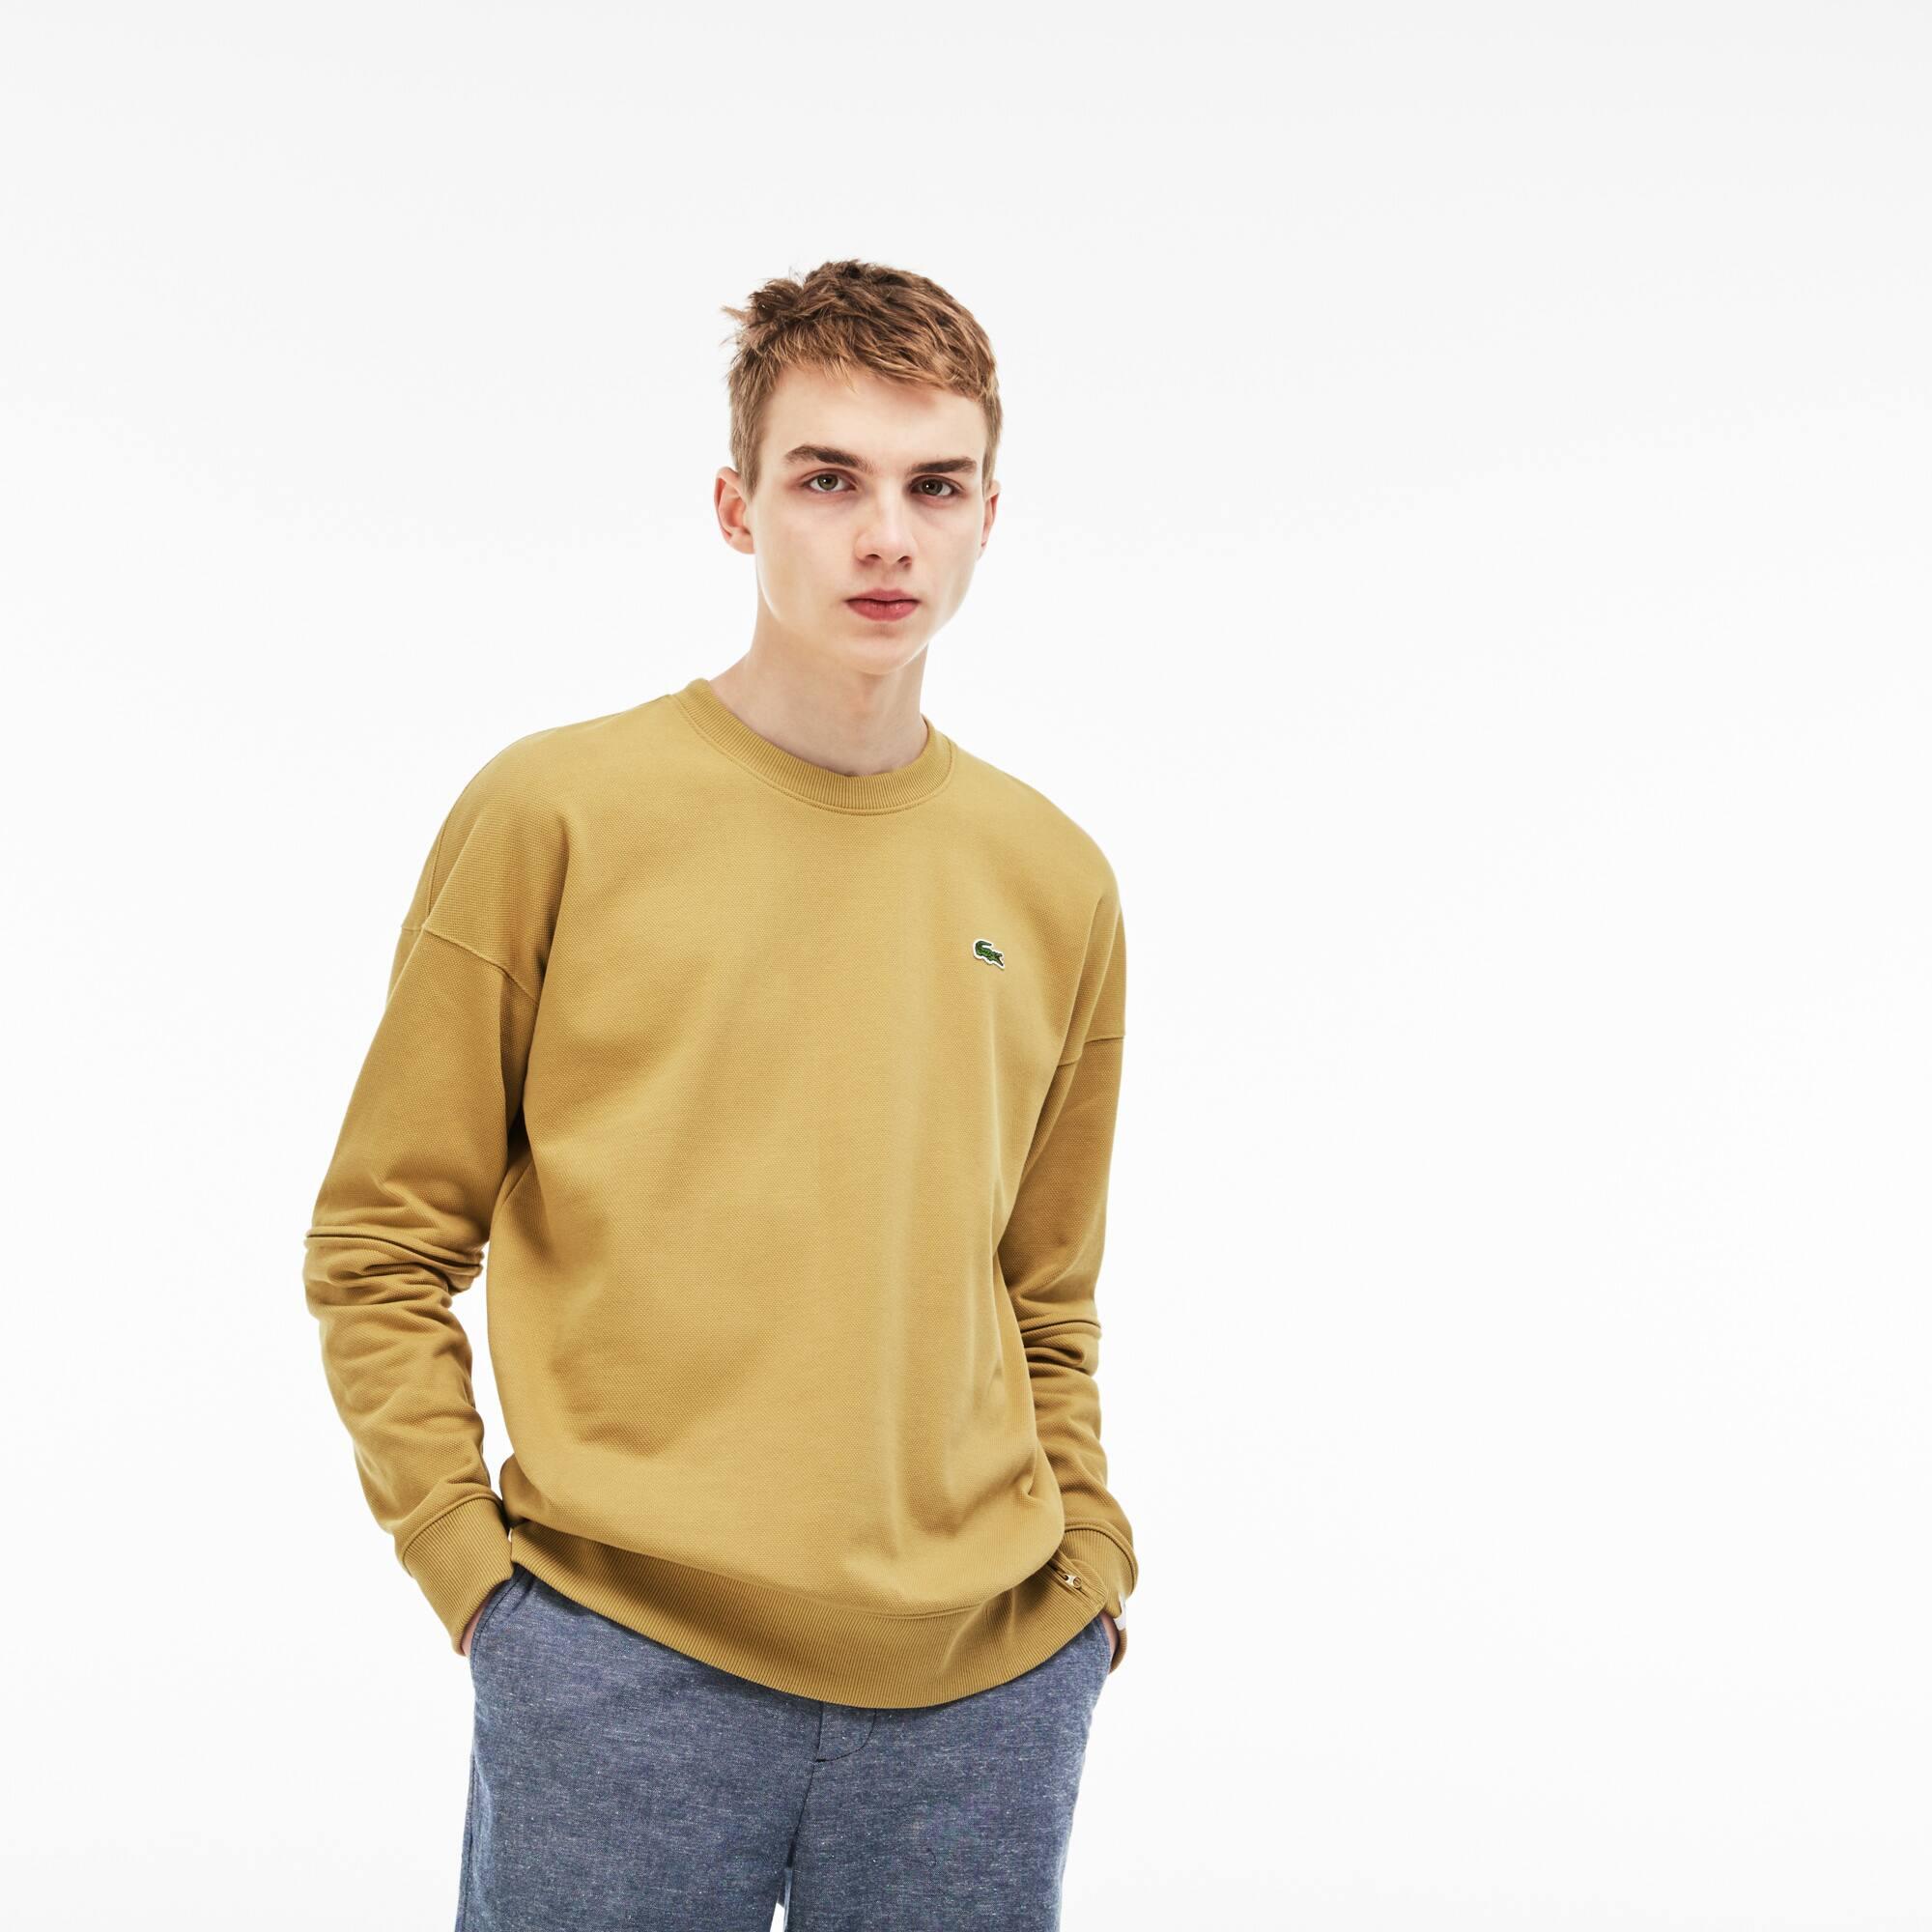 Lacoste LIVE-sweatshirt heren losse pasvorm fleecepiqué